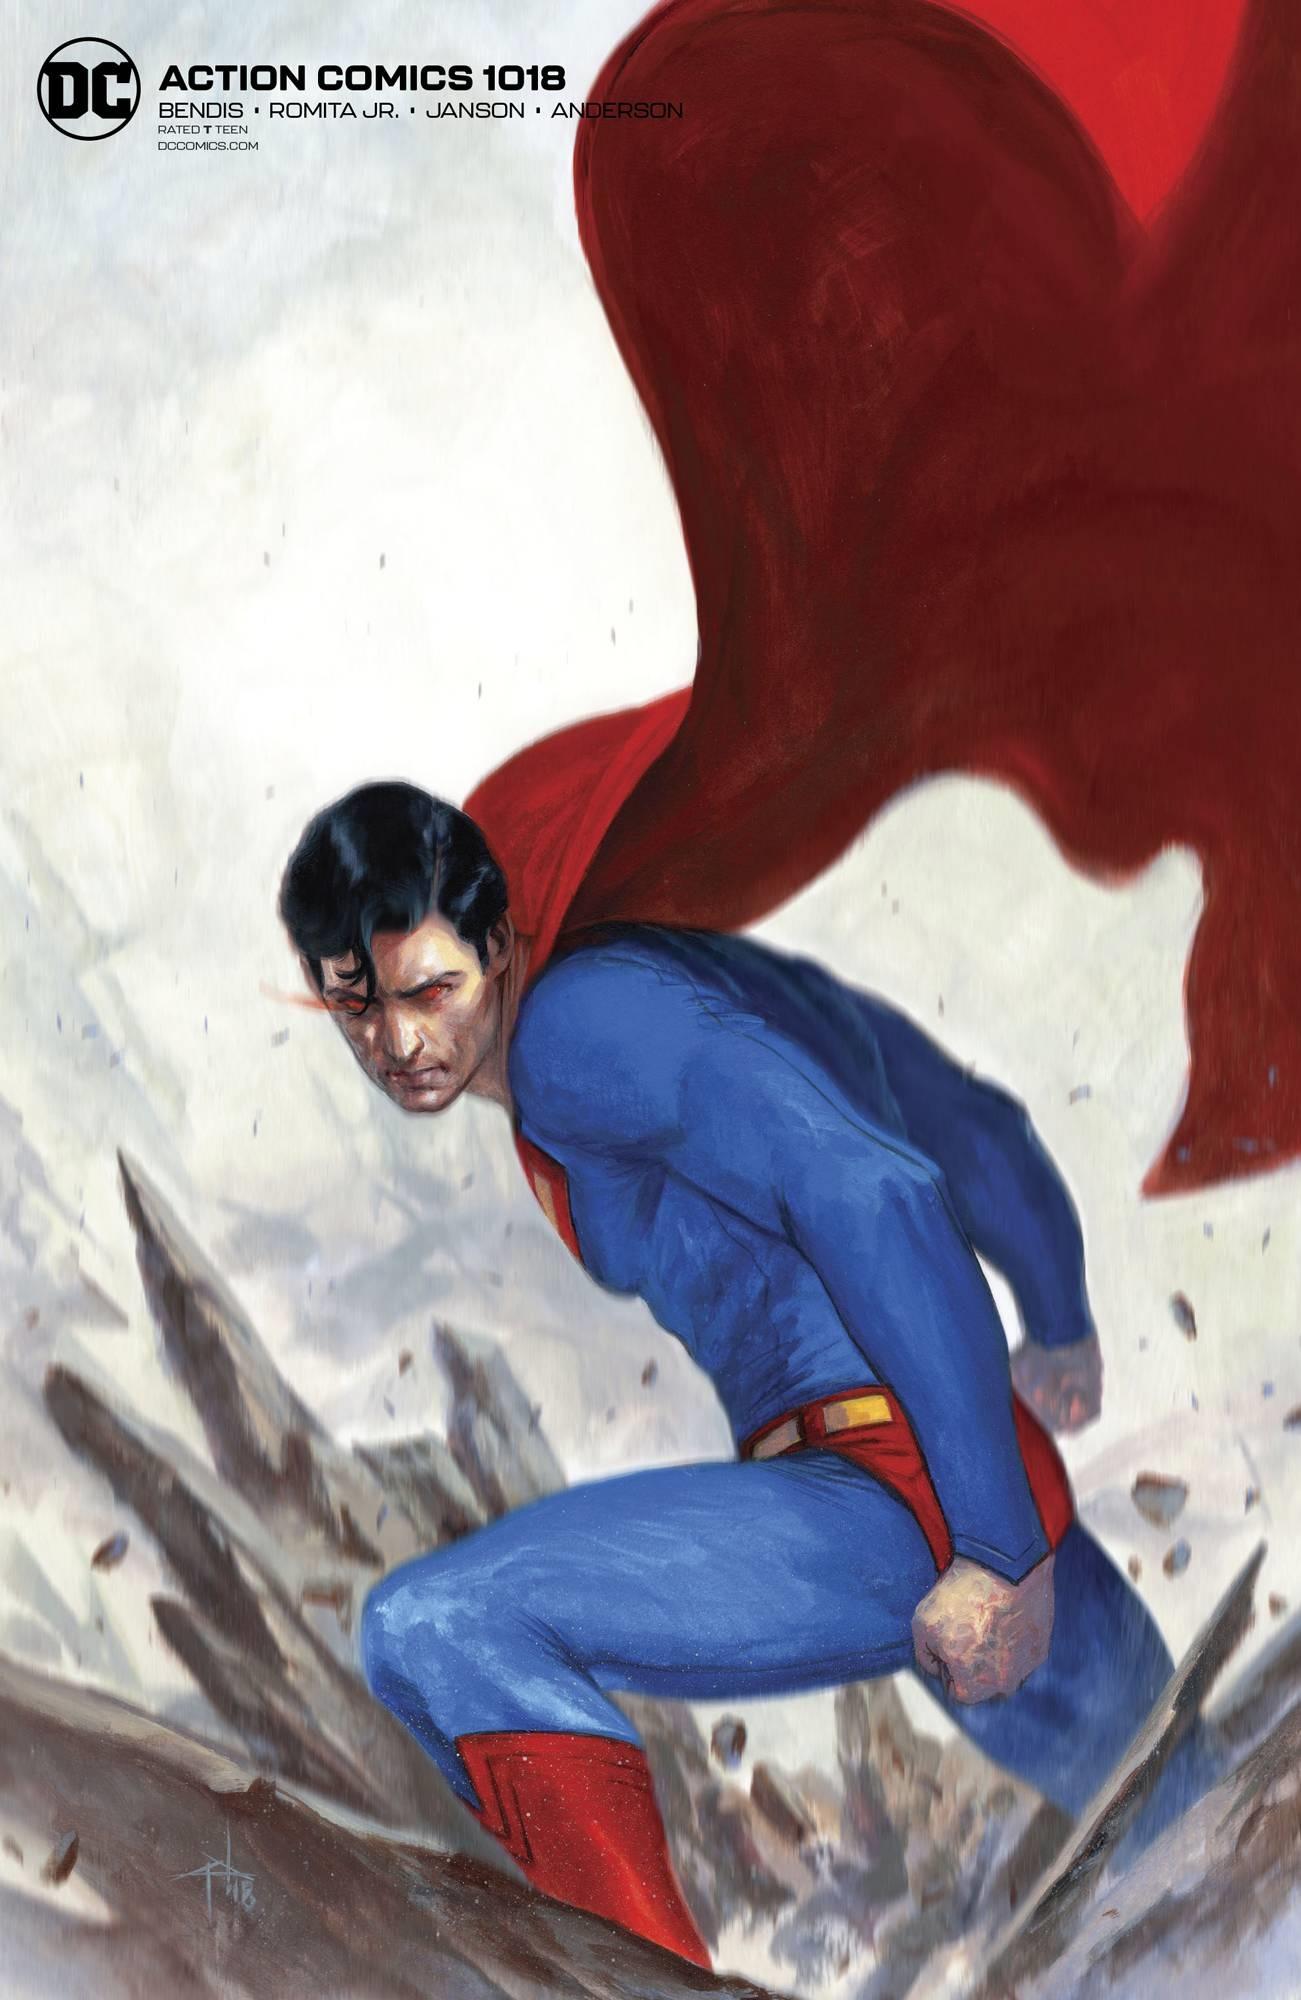 Action Comics Vol 1 1018 Variant.jpg